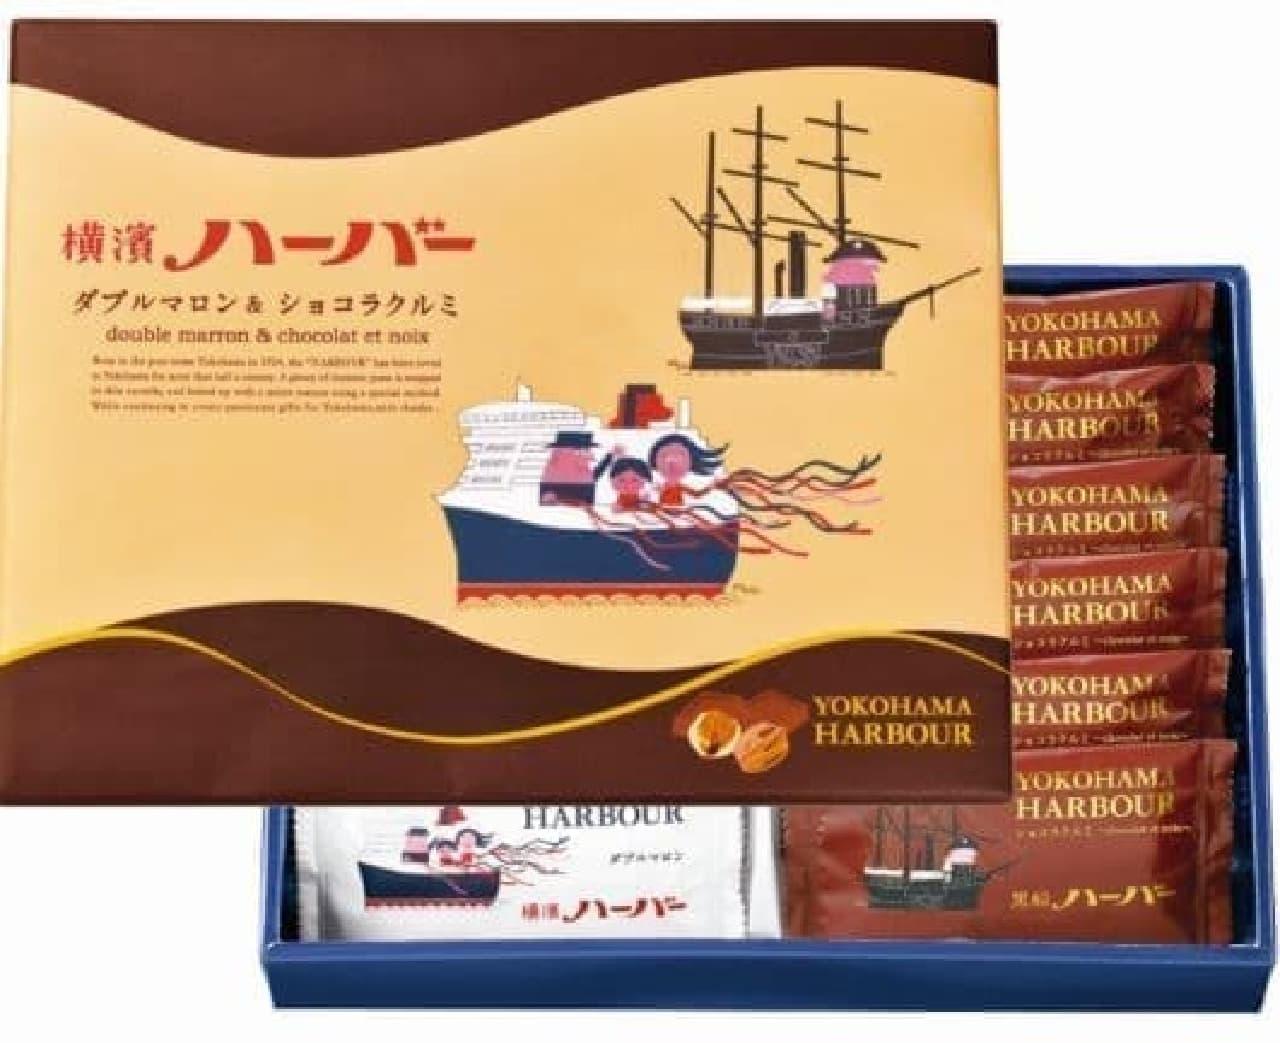 横濱ハーバーアソート ダブルマロン&ショコラクルミ